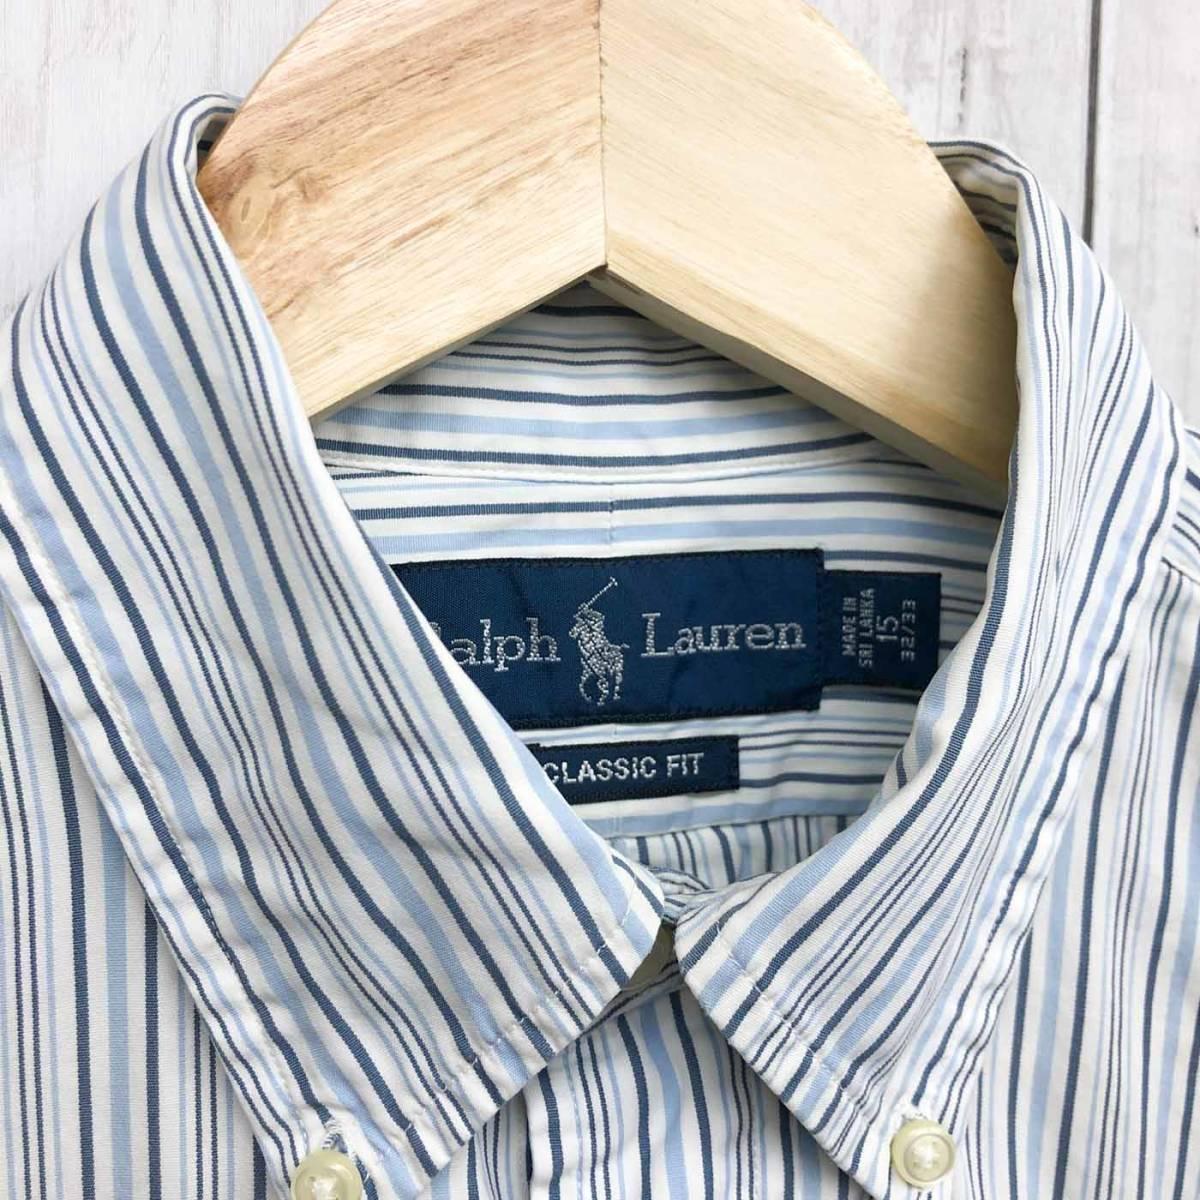 ラルフローレン POLO Ralph Lauren Polo 半袖シャツ メンズ ワンポイント サイズ15(S~Mサイズ相当) 7-177_画像5